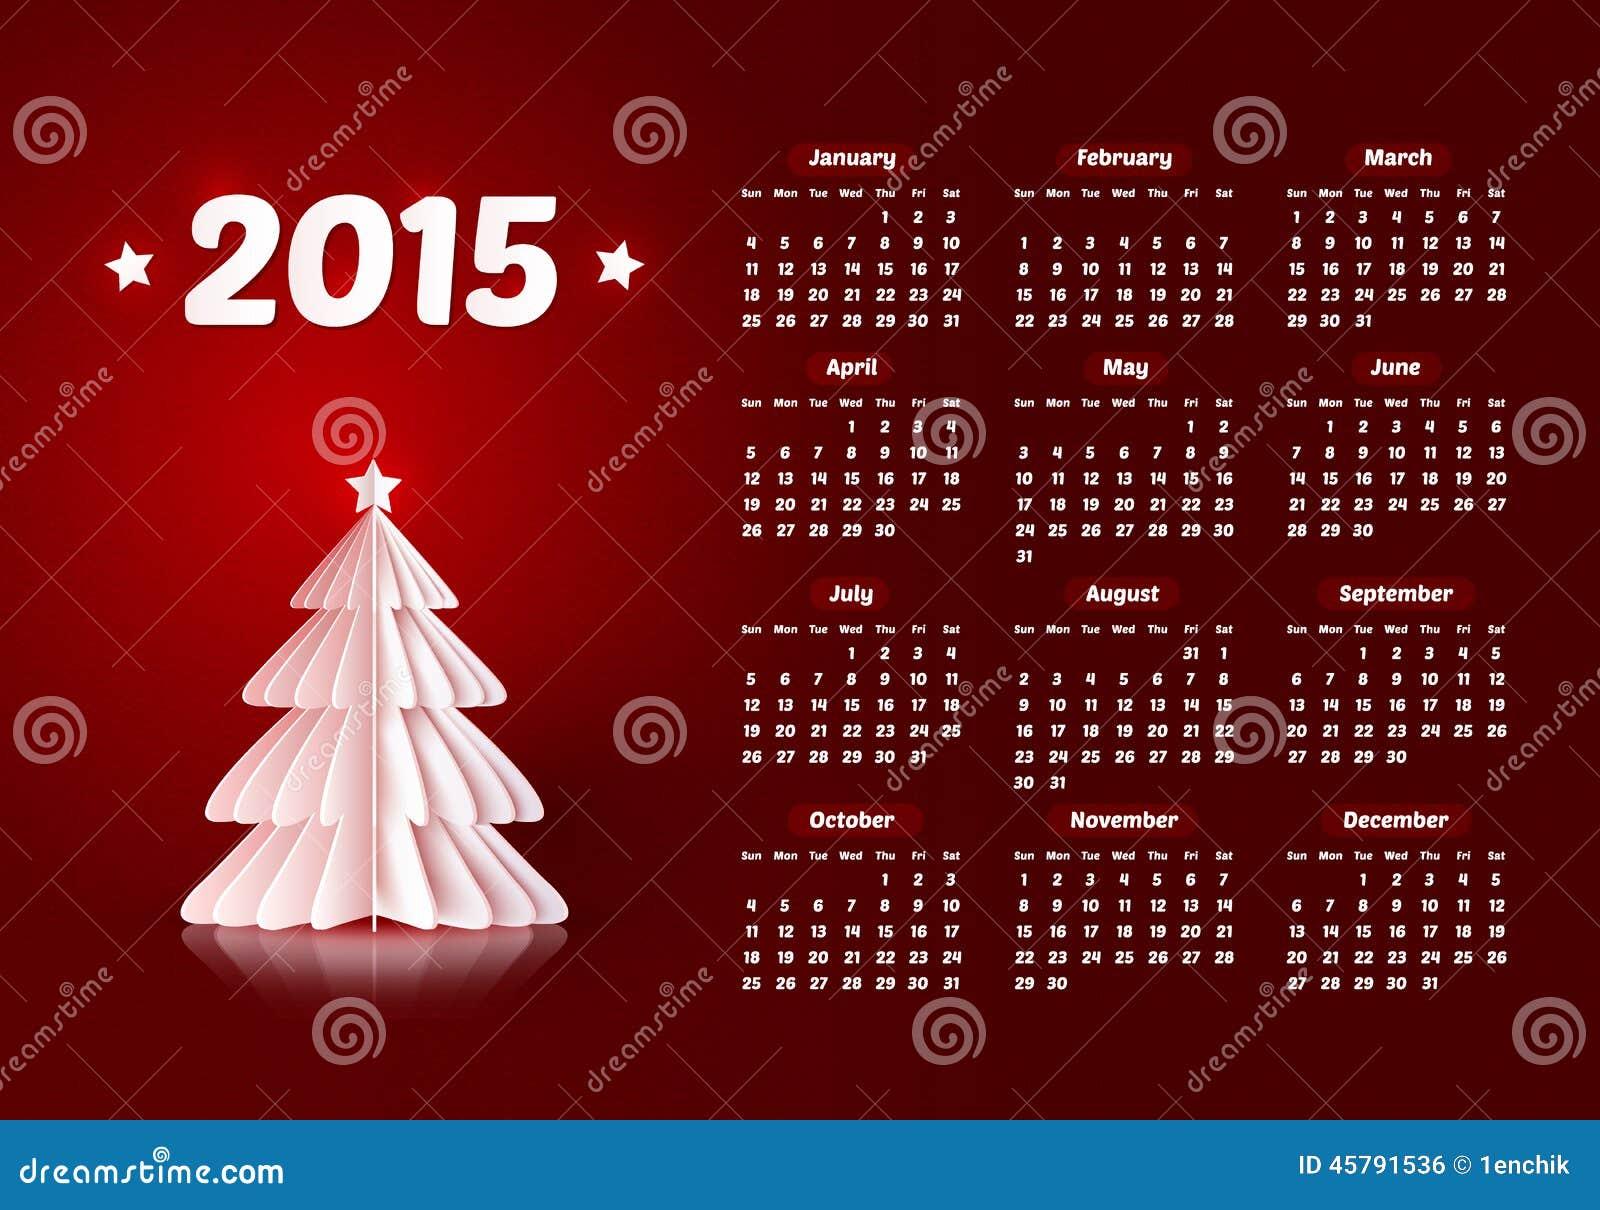 Natale Calendario.Vettore Un Calendario Da 2015 Nuovi Anni Con Il Natale Di